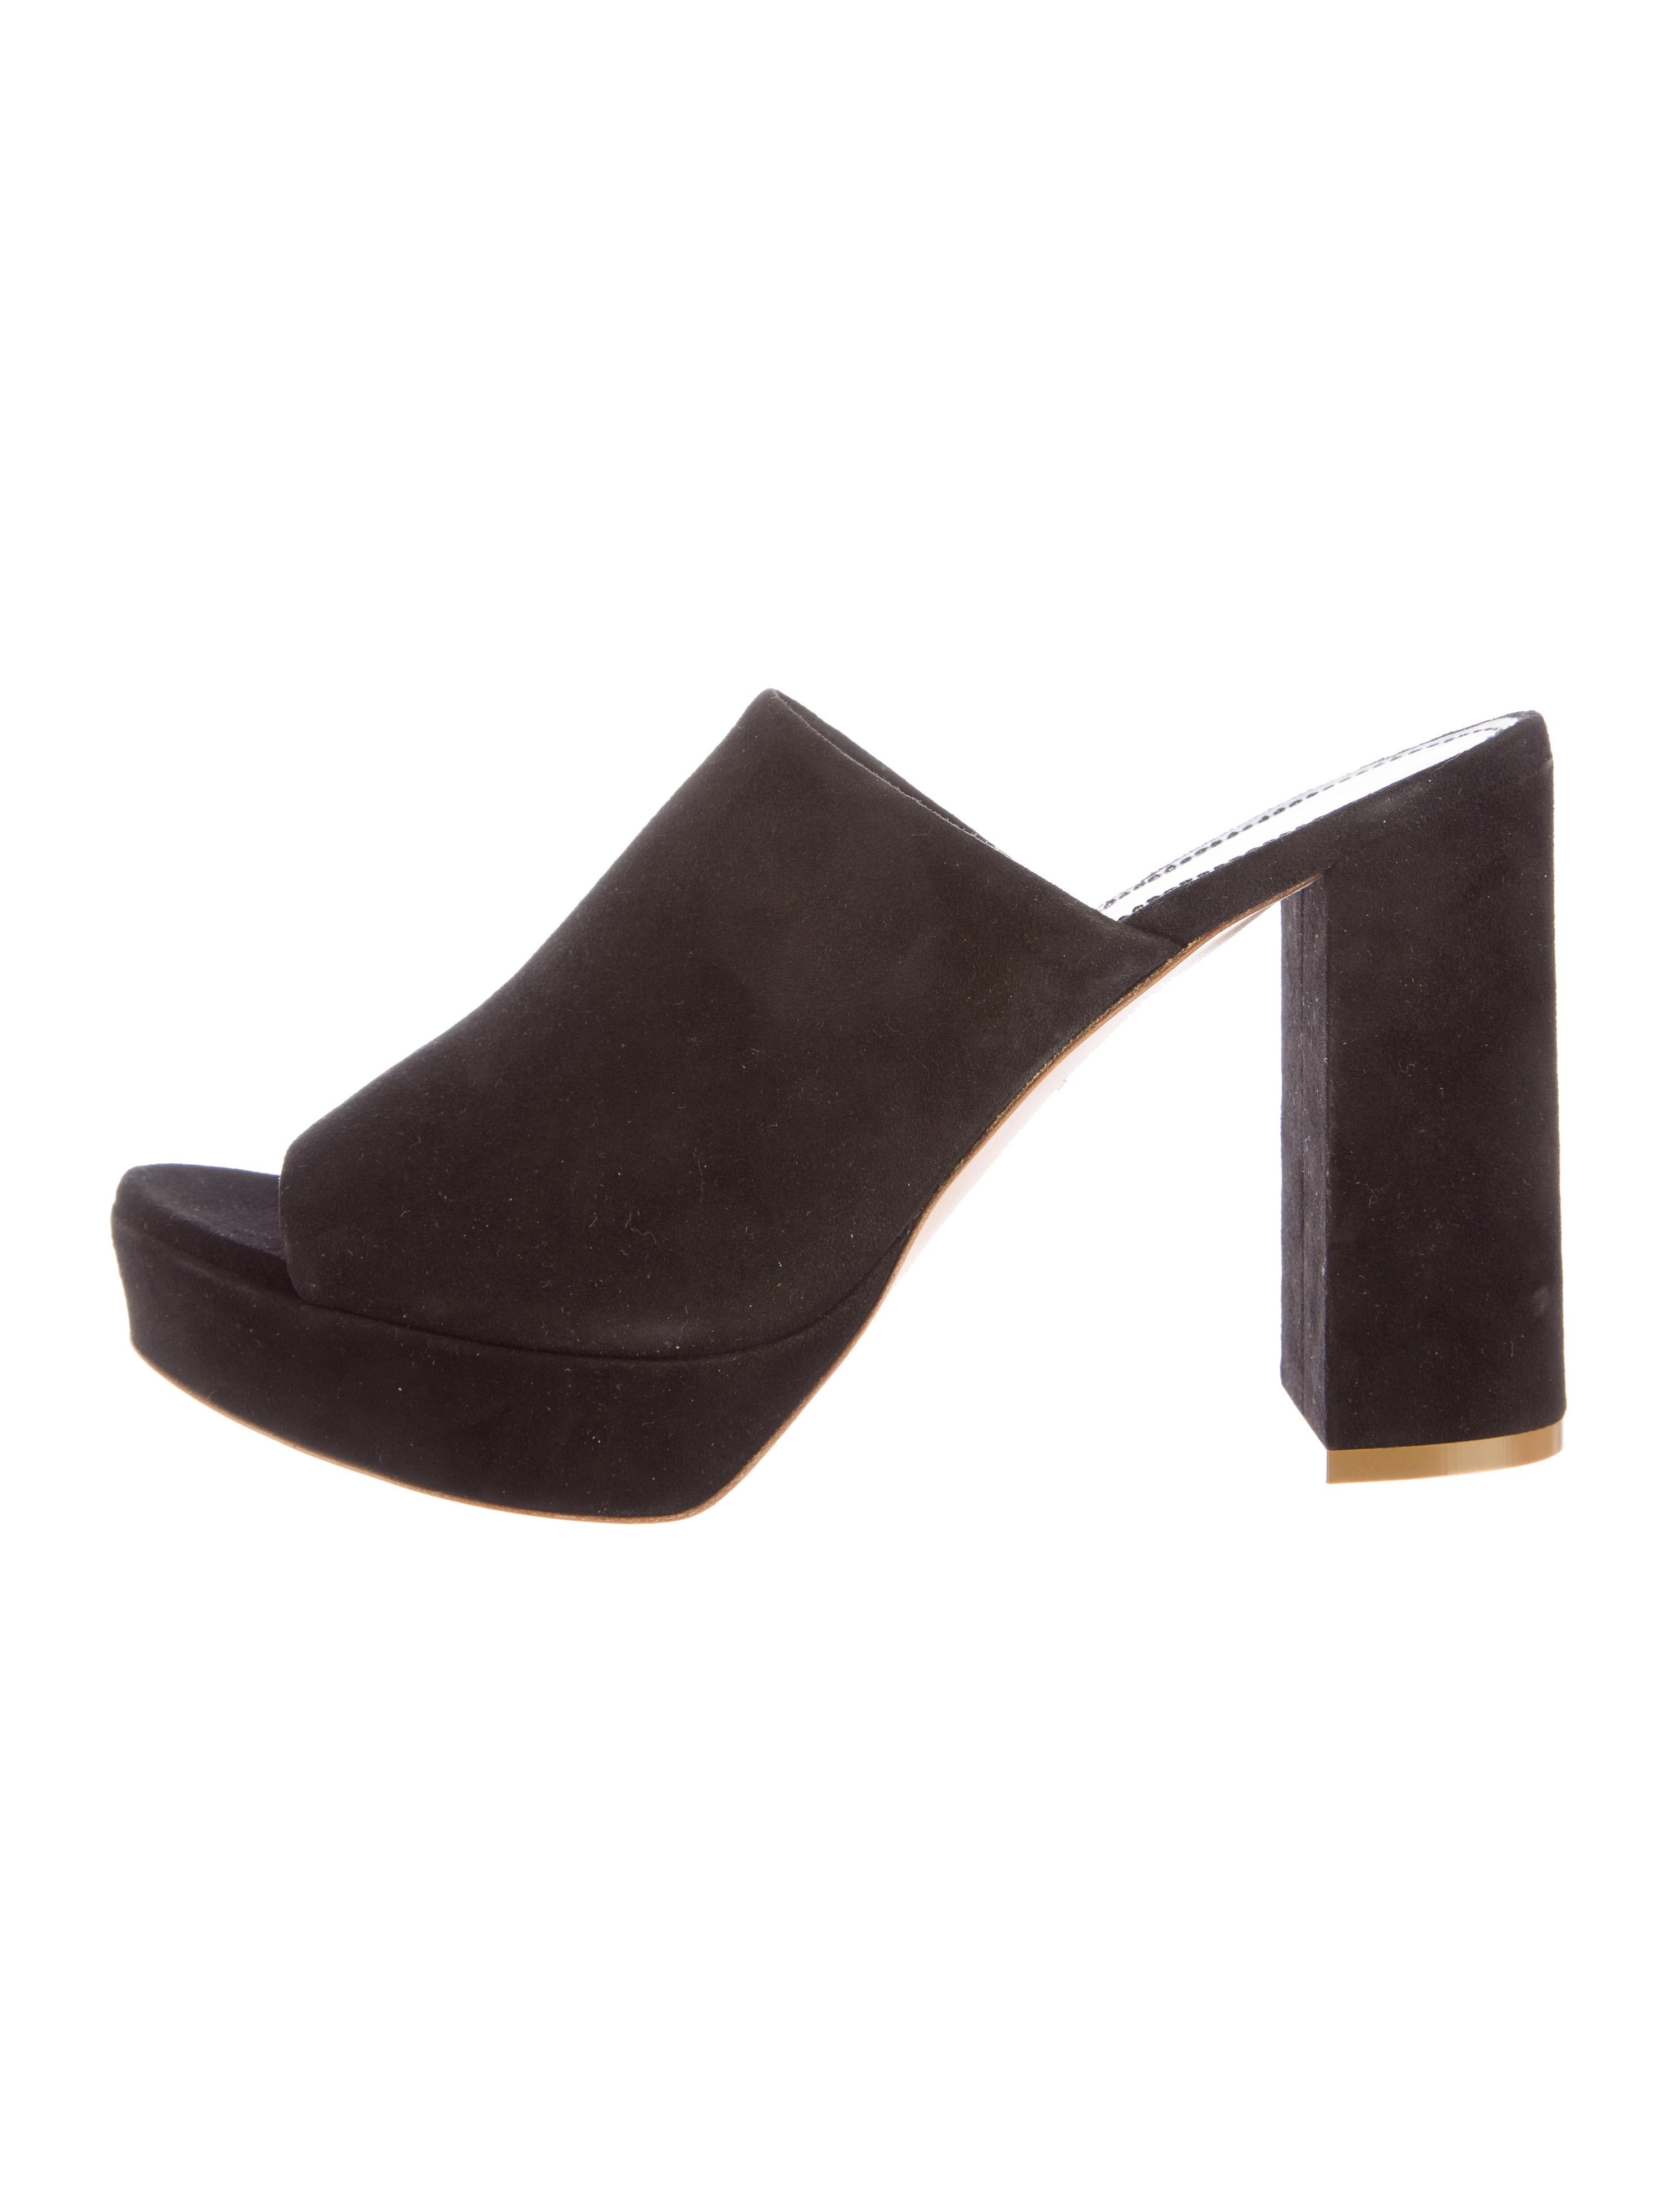 mansur gavriel suede platform mules shoes wgy20879